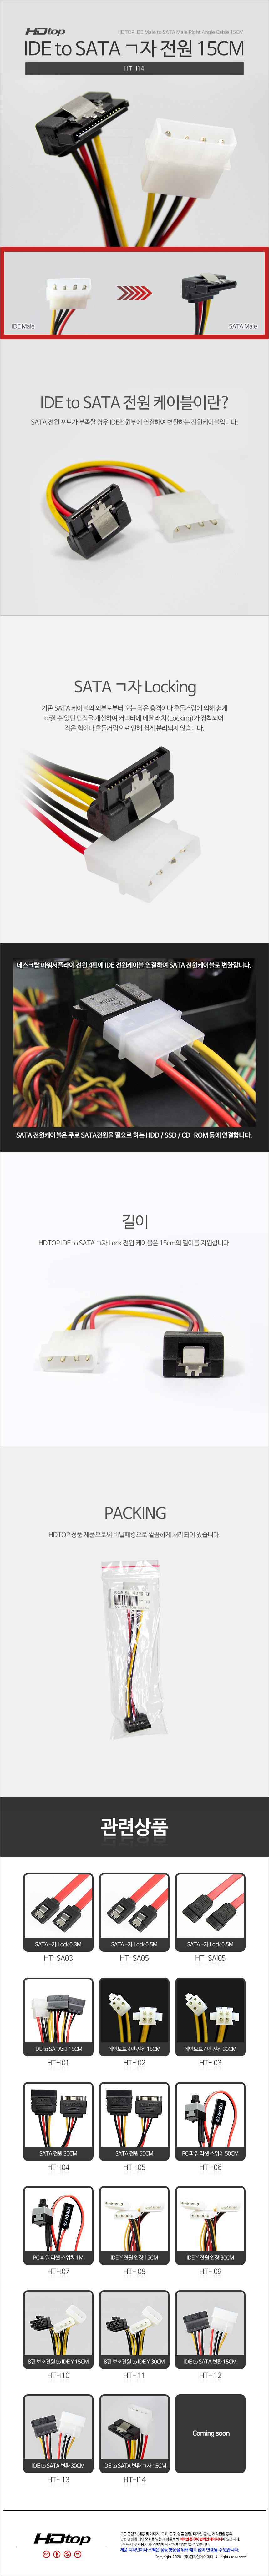 탑라인에이치디 IDE to SATA 전원 ㄱ자 연장 케이블 (HT-I14, 15cm)